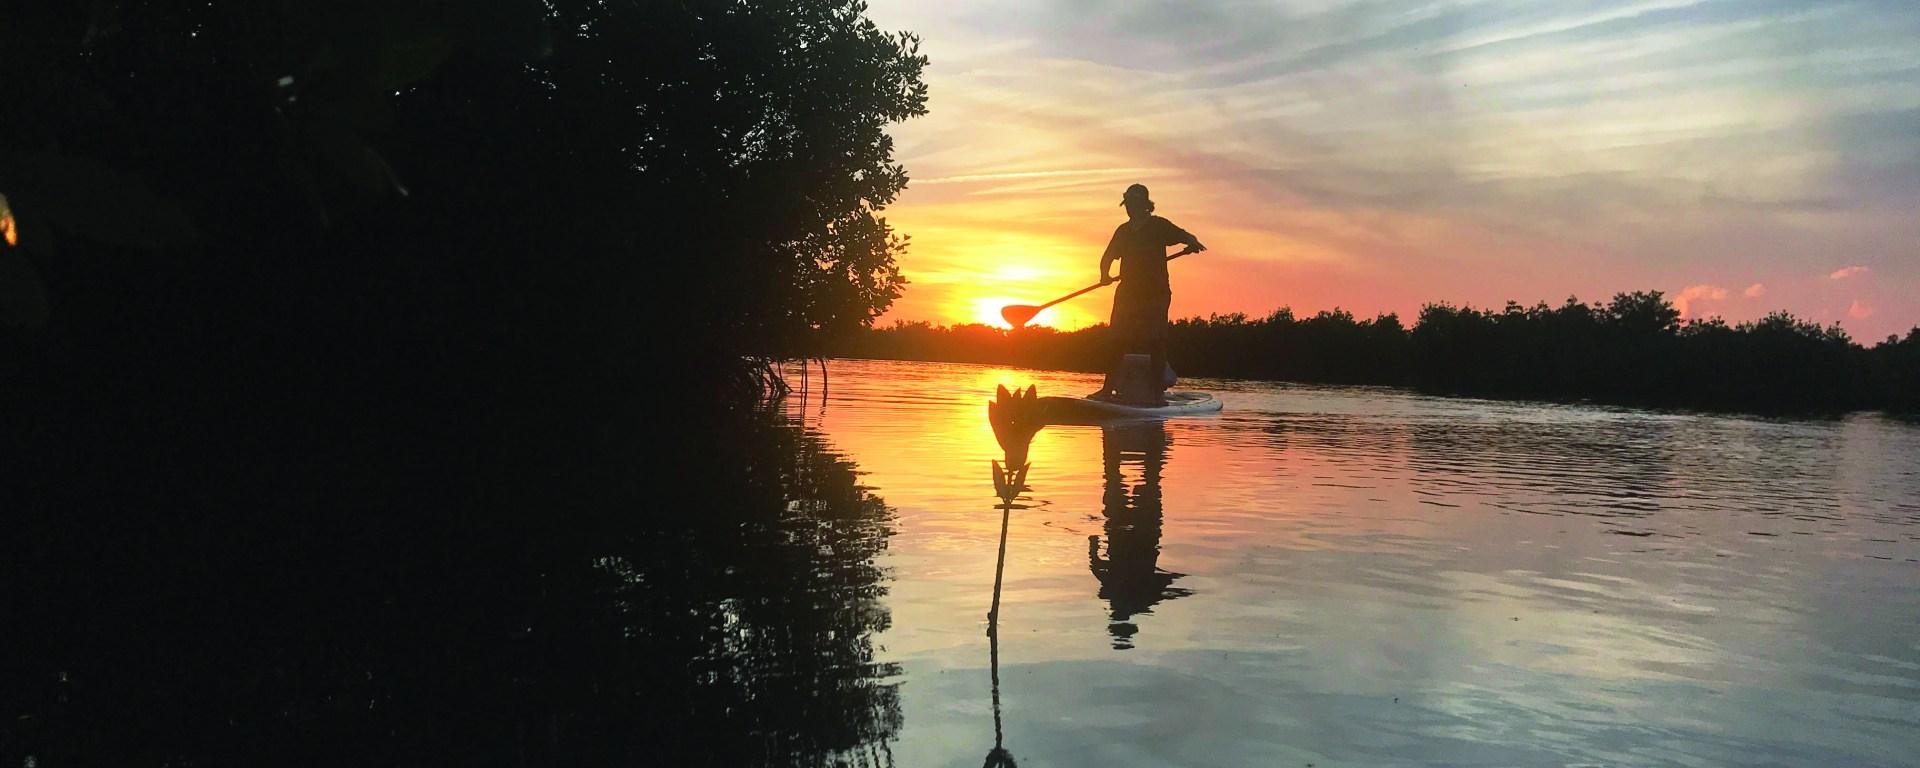 Sunset paddle board fishing